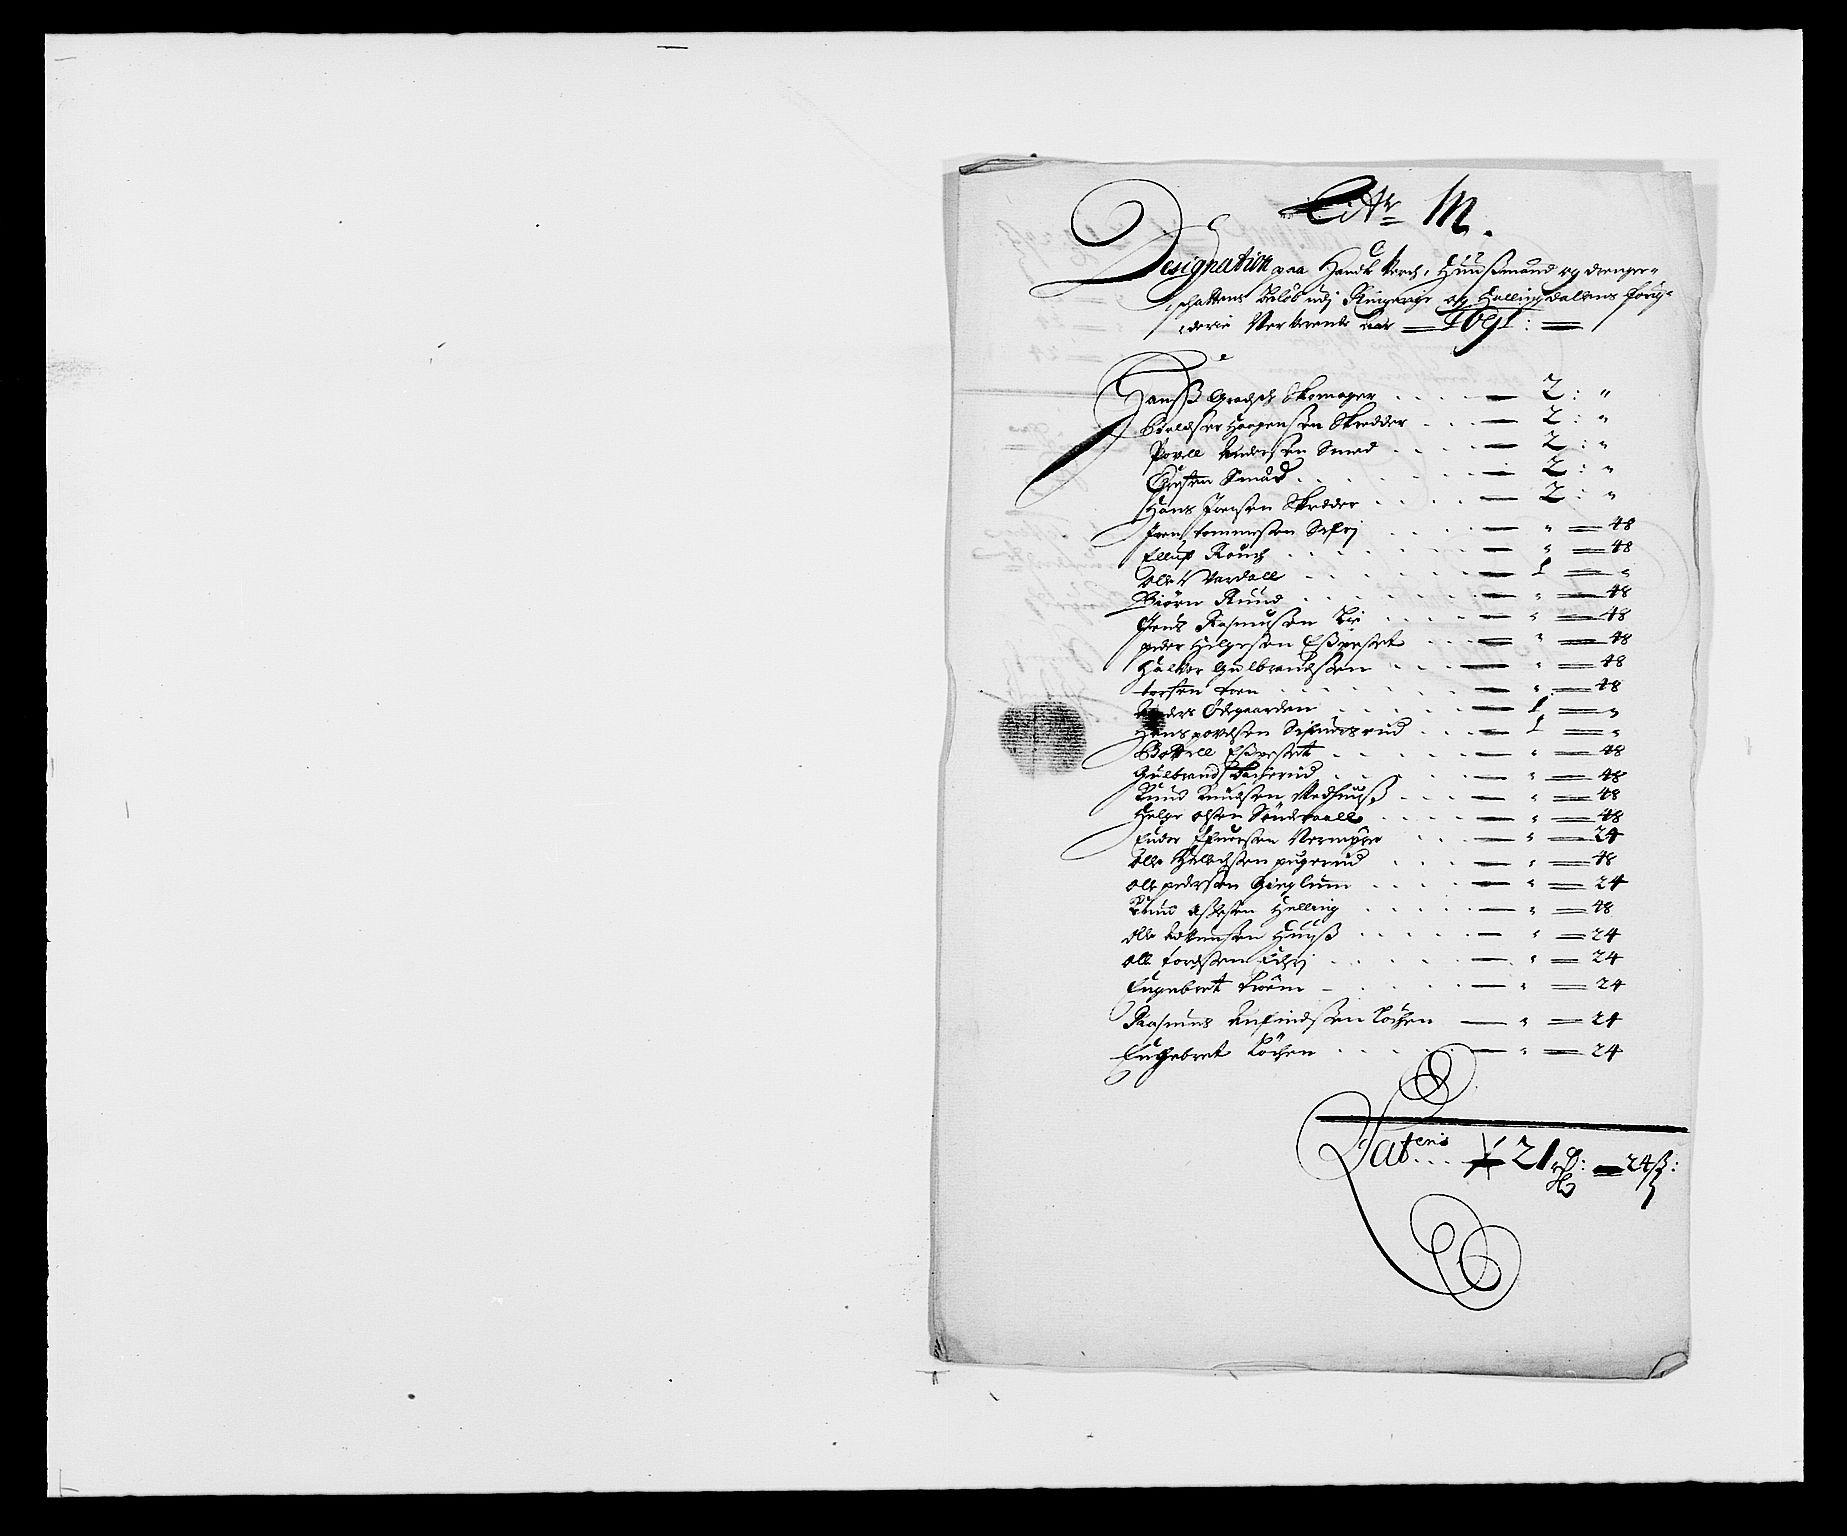 RA, Rentekammeret inntil 1814, Reviderte regnskaper, Fogderegnskap, R21/L1448: Fogderegnskap Ringerike og Hallingdal, 1690-1692, s. 276